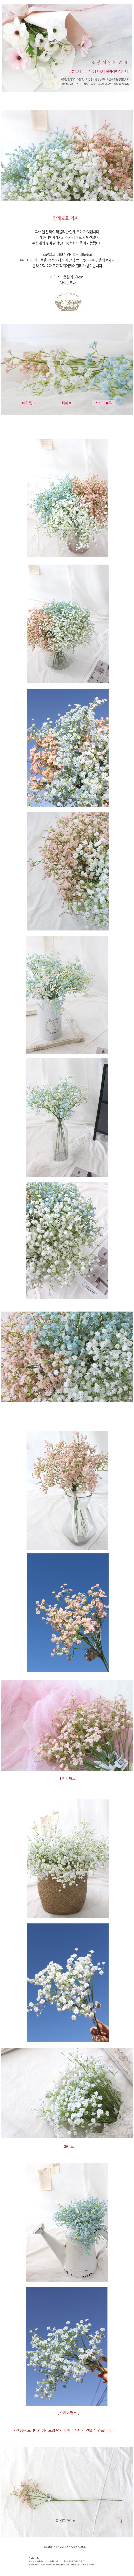 안개 조화 가지2,900원-소품이한자리에인테리어, 플라워, 조화, 조화꽃바보사랑안개 조화 가지2,900원-소품이한자리에인테리어, 플라워, 조화, 조화꽃바보사랑